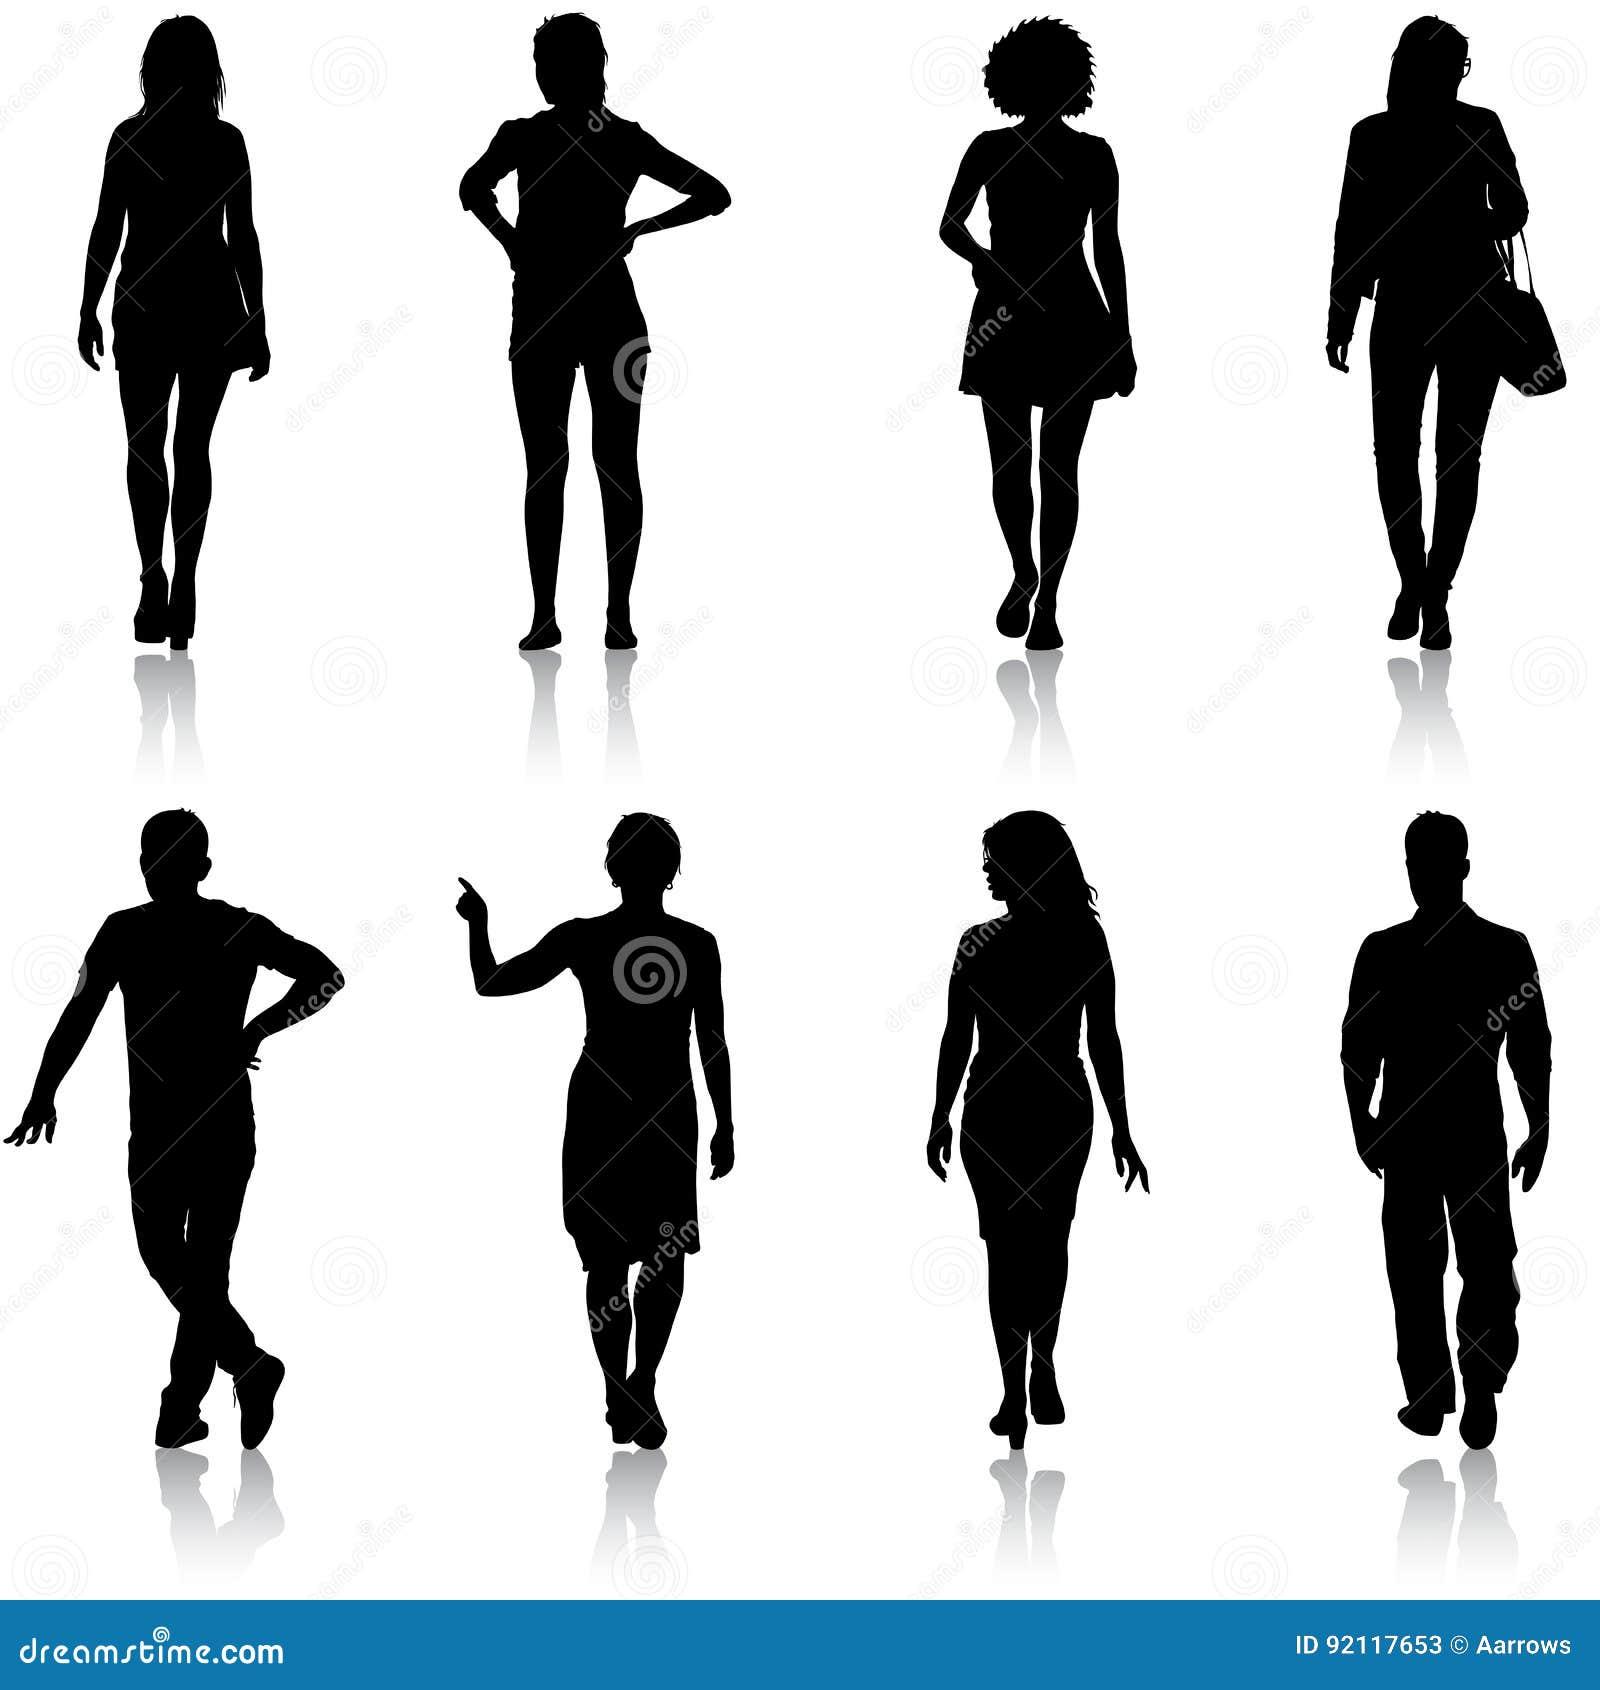 Grupo de personas negro de la silueta que se coloca en diversas actitudes